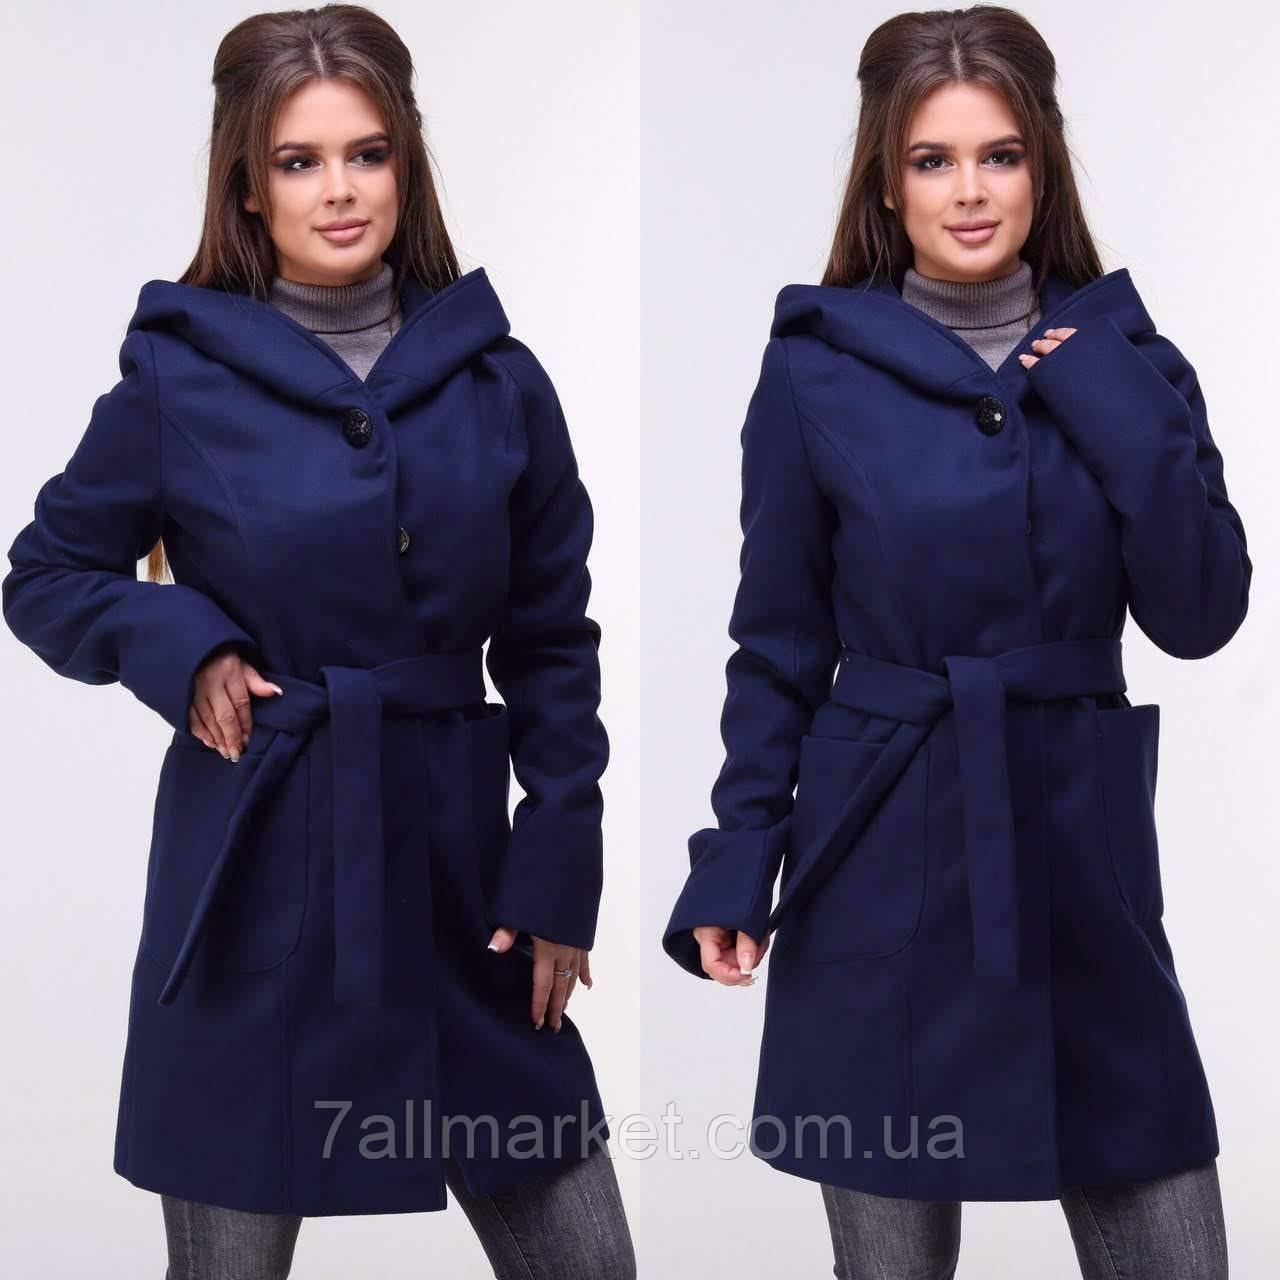 5e7a6fd5a02 Пальто женское кашемировое с капюшоном